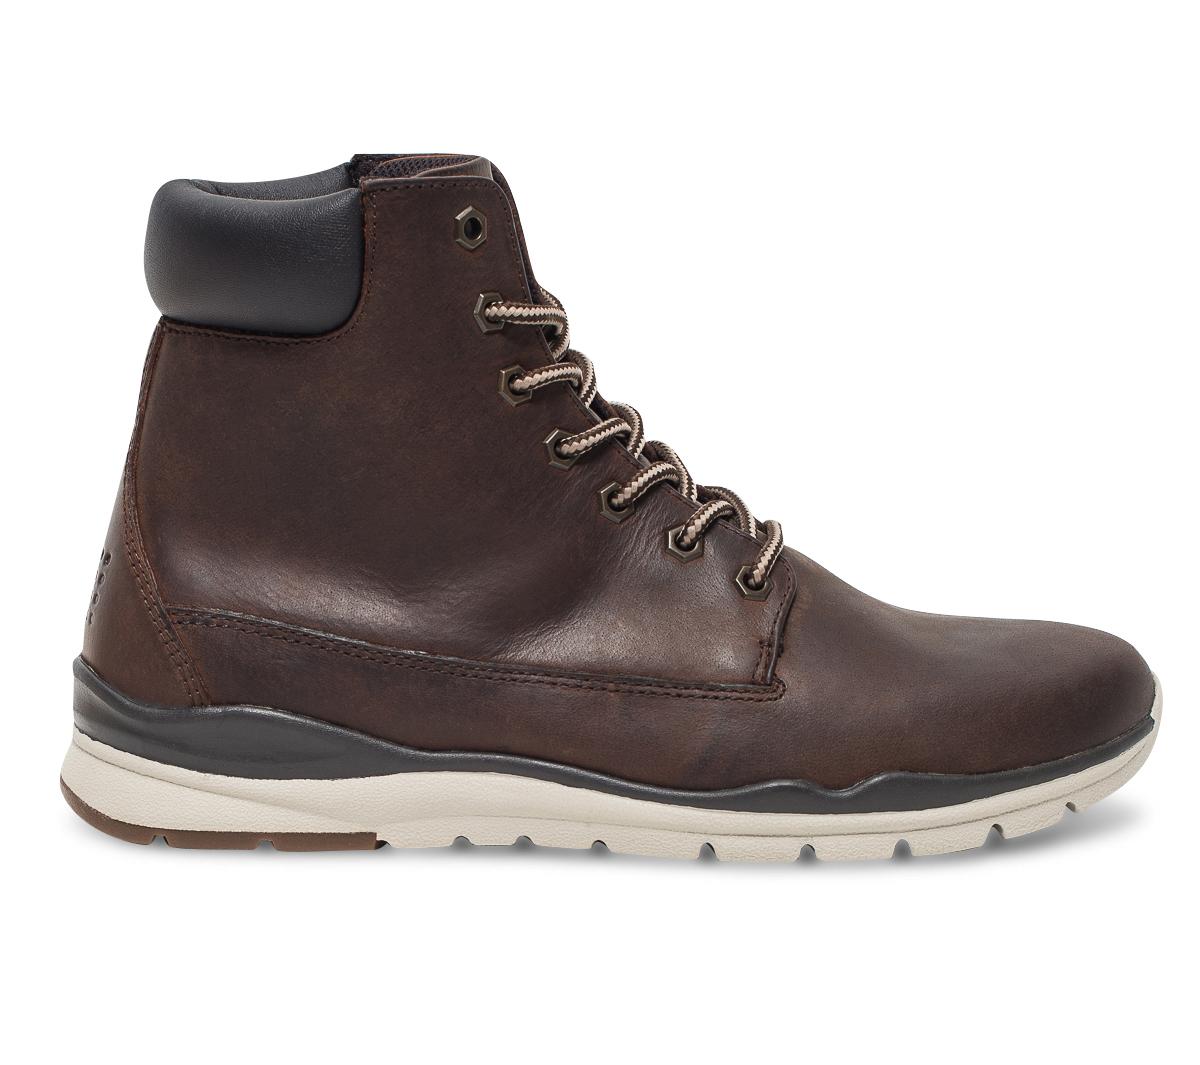 Boots Tbs Marron Cuir Marron Cuir Homme Tbs Homme Boots Tbs Boots Homme Cuir CthsrdQ